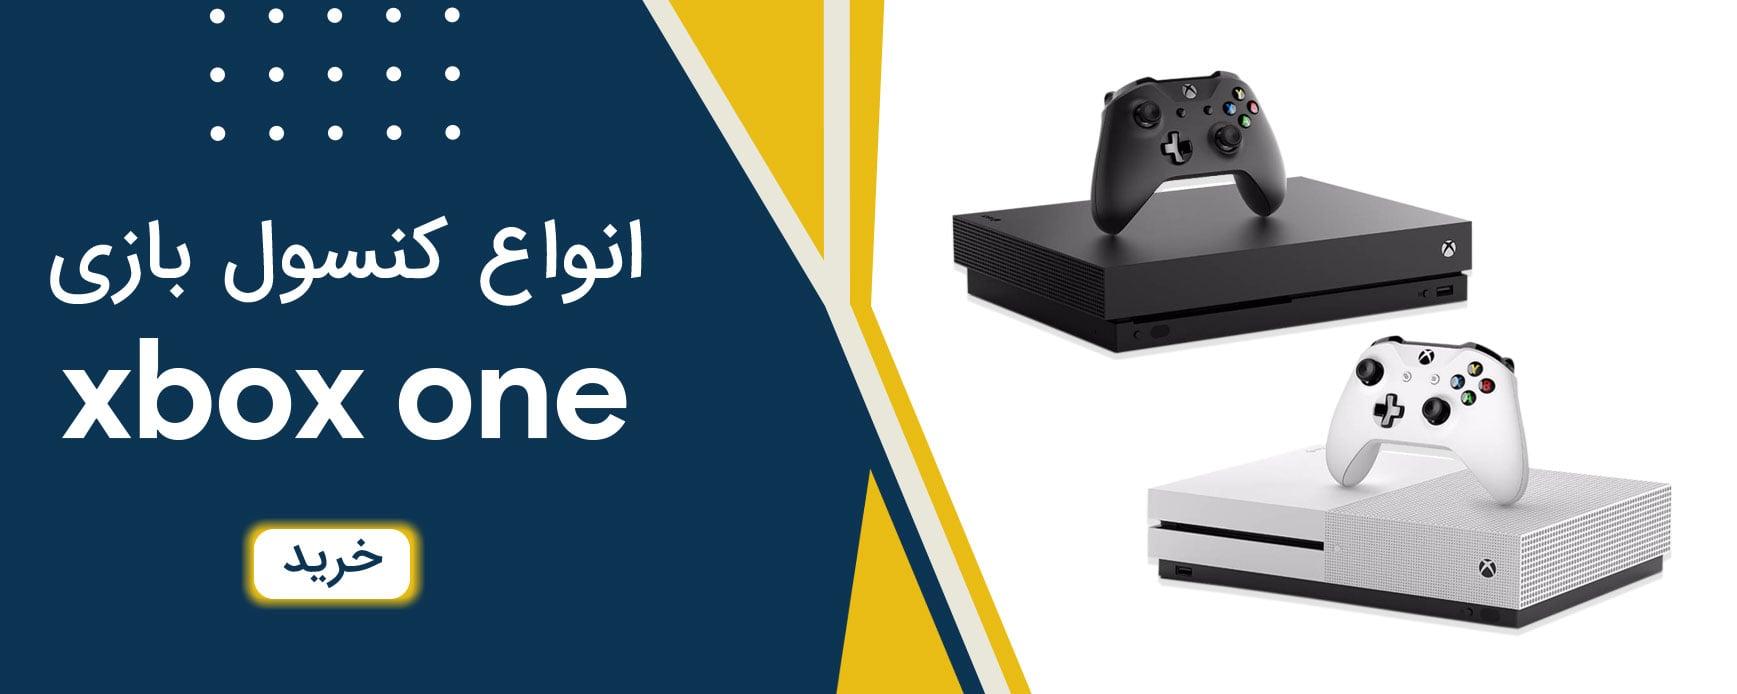 فروش کنسول بازی xbox one